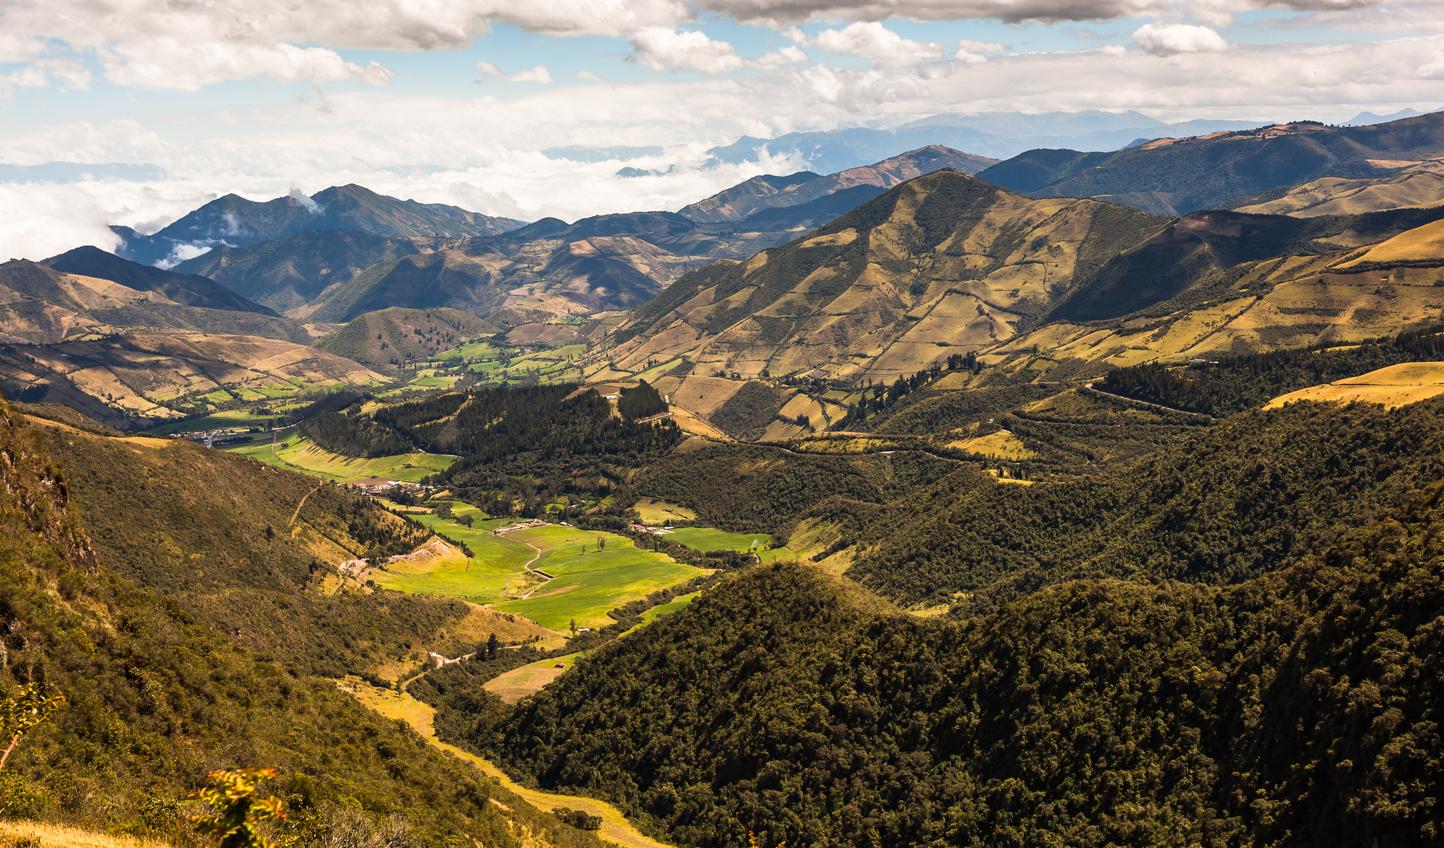 The surrounding scenery will hiking the Pichincha Volcano